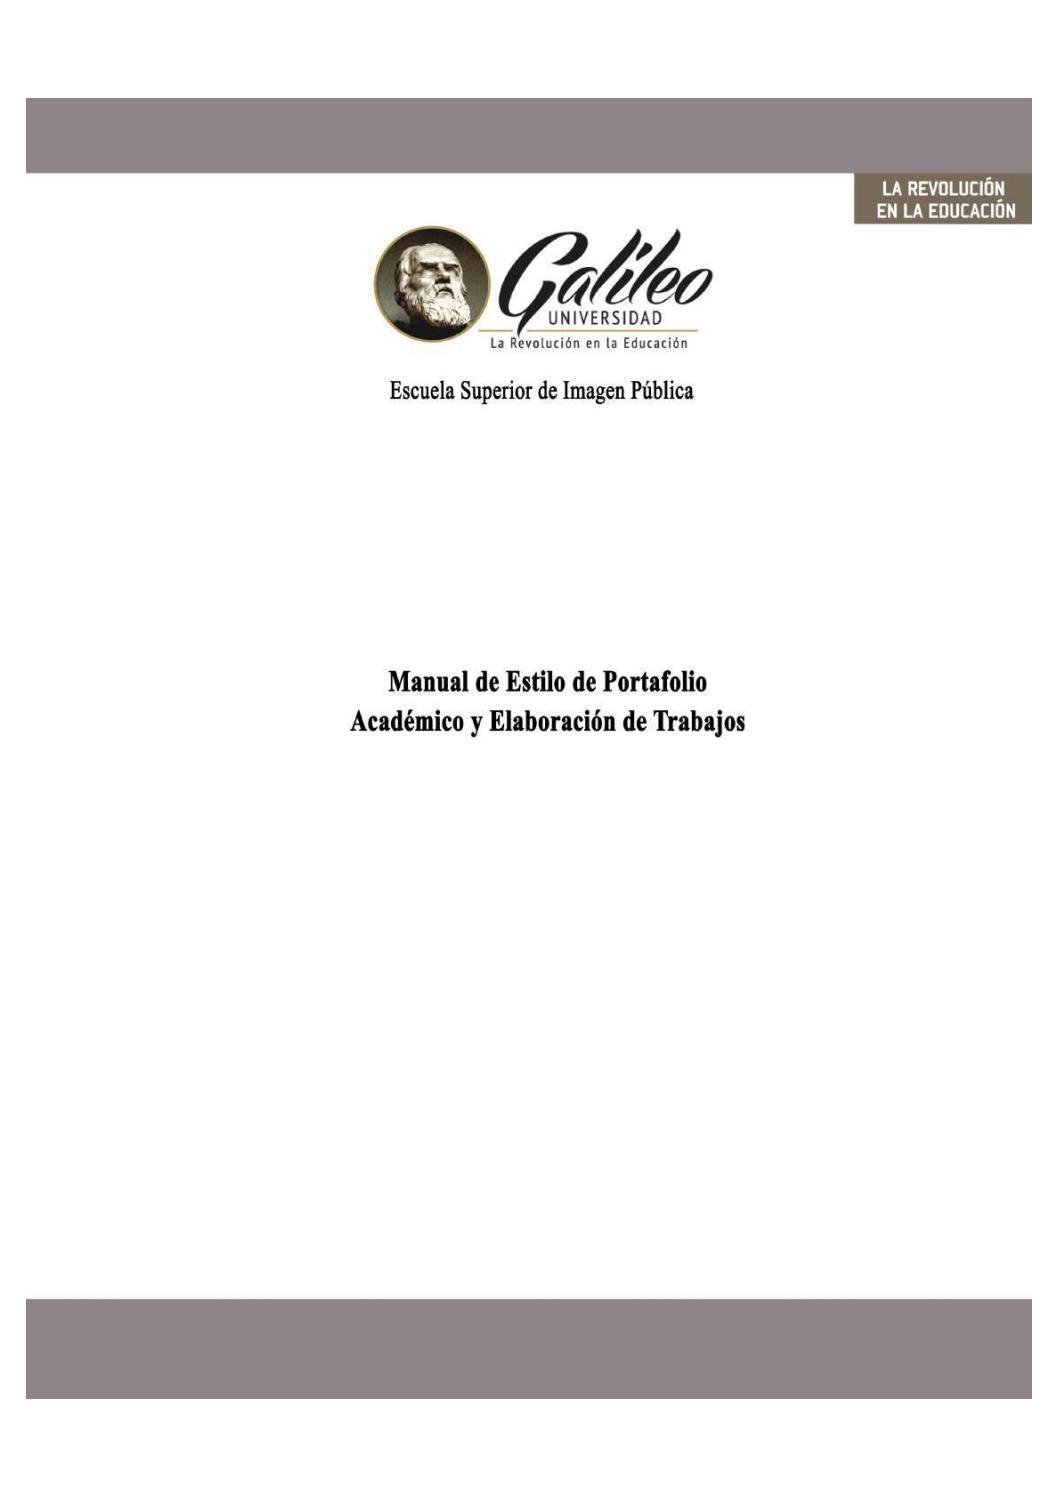 Manual de estilo de portafolio académico de imagen pública